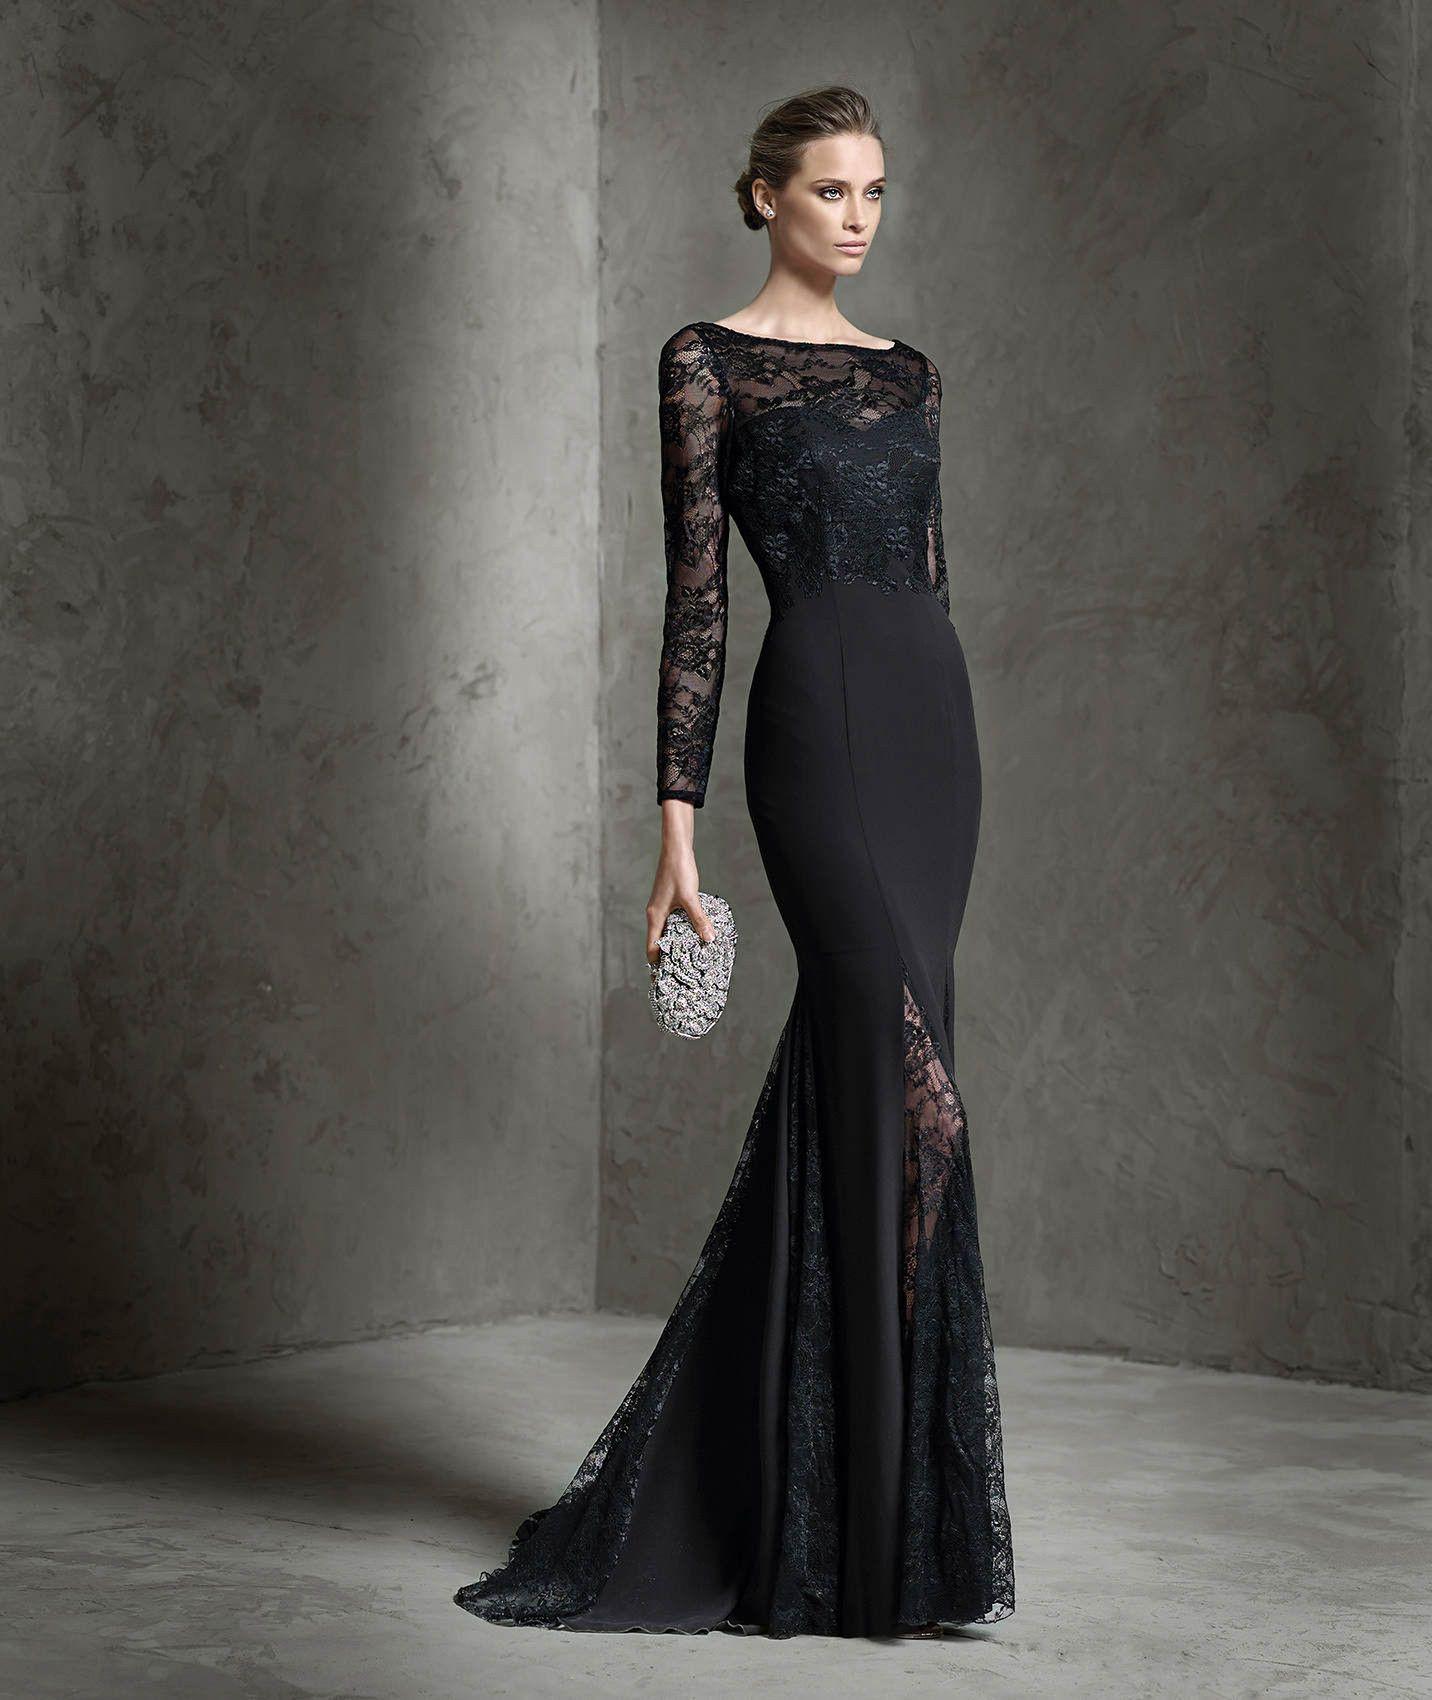 b9a2af8447 Vestido largo negro de gasa y estilo sirena. Cuerpo de encaje con canesú de  escote